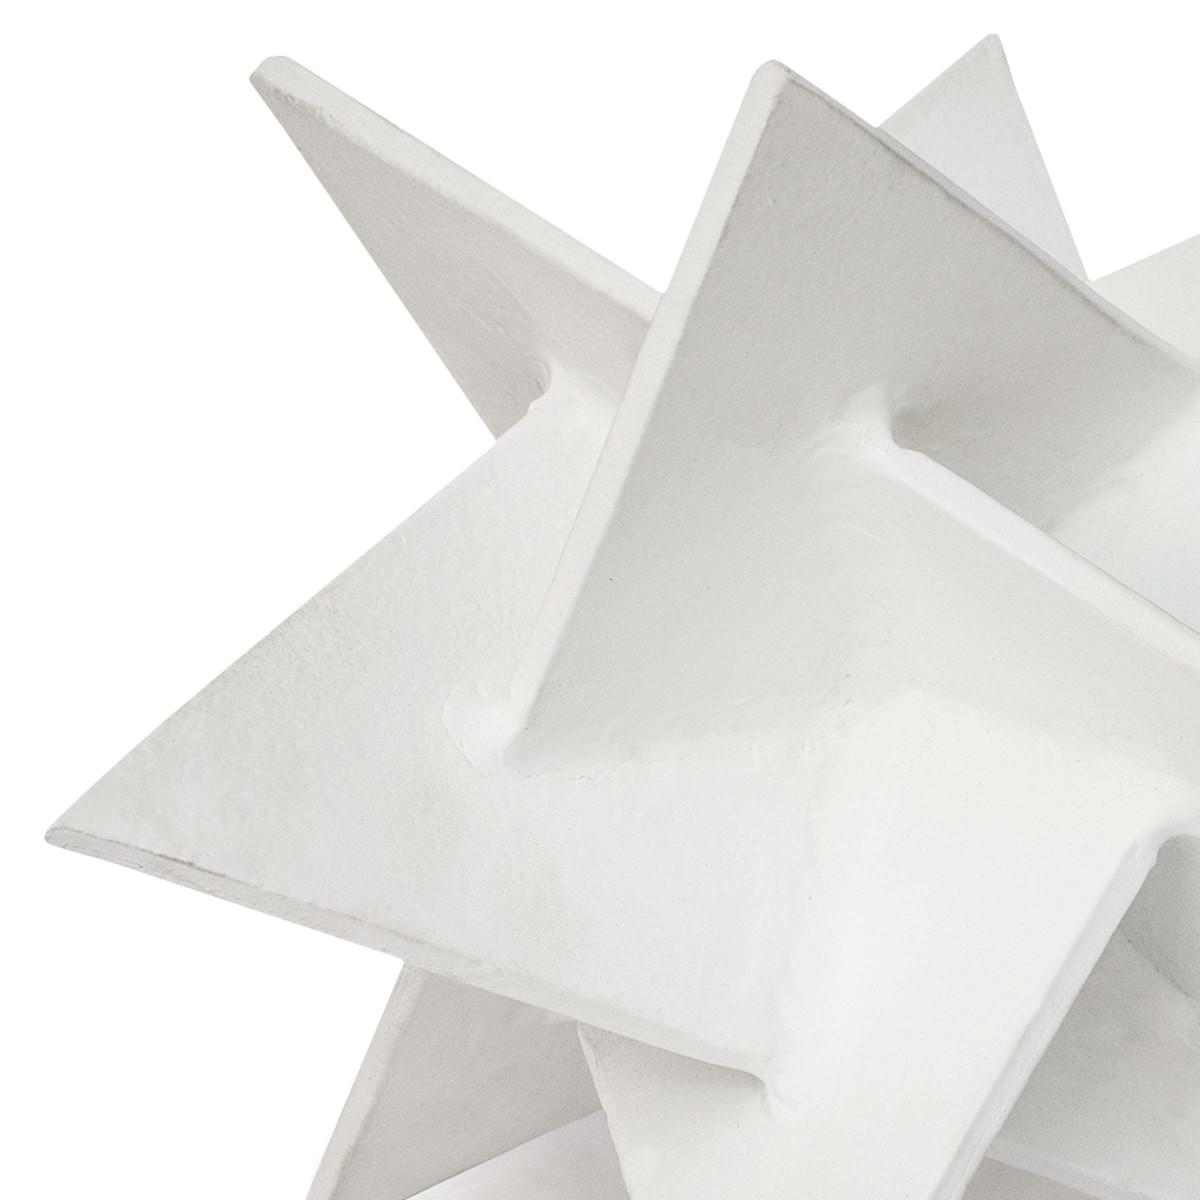 Ozo Origami Star Object